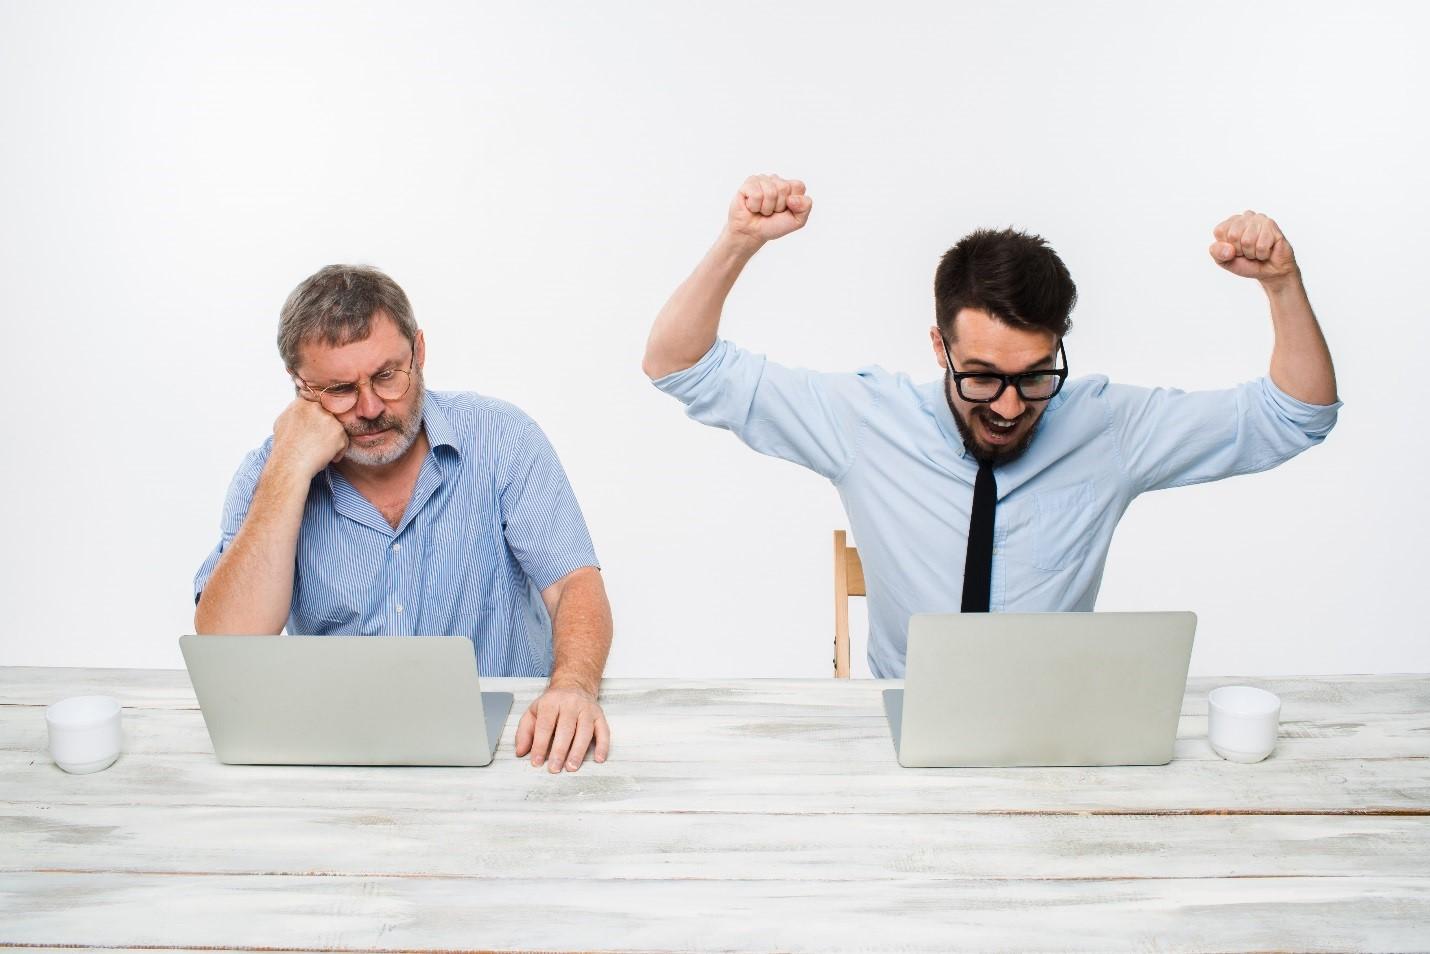 Nhân viên dễ nóng nảy, bất mẫn và chán chường - Dấu hiệu cho thấy nhà lãnh đạo phải thay đổi ngay!